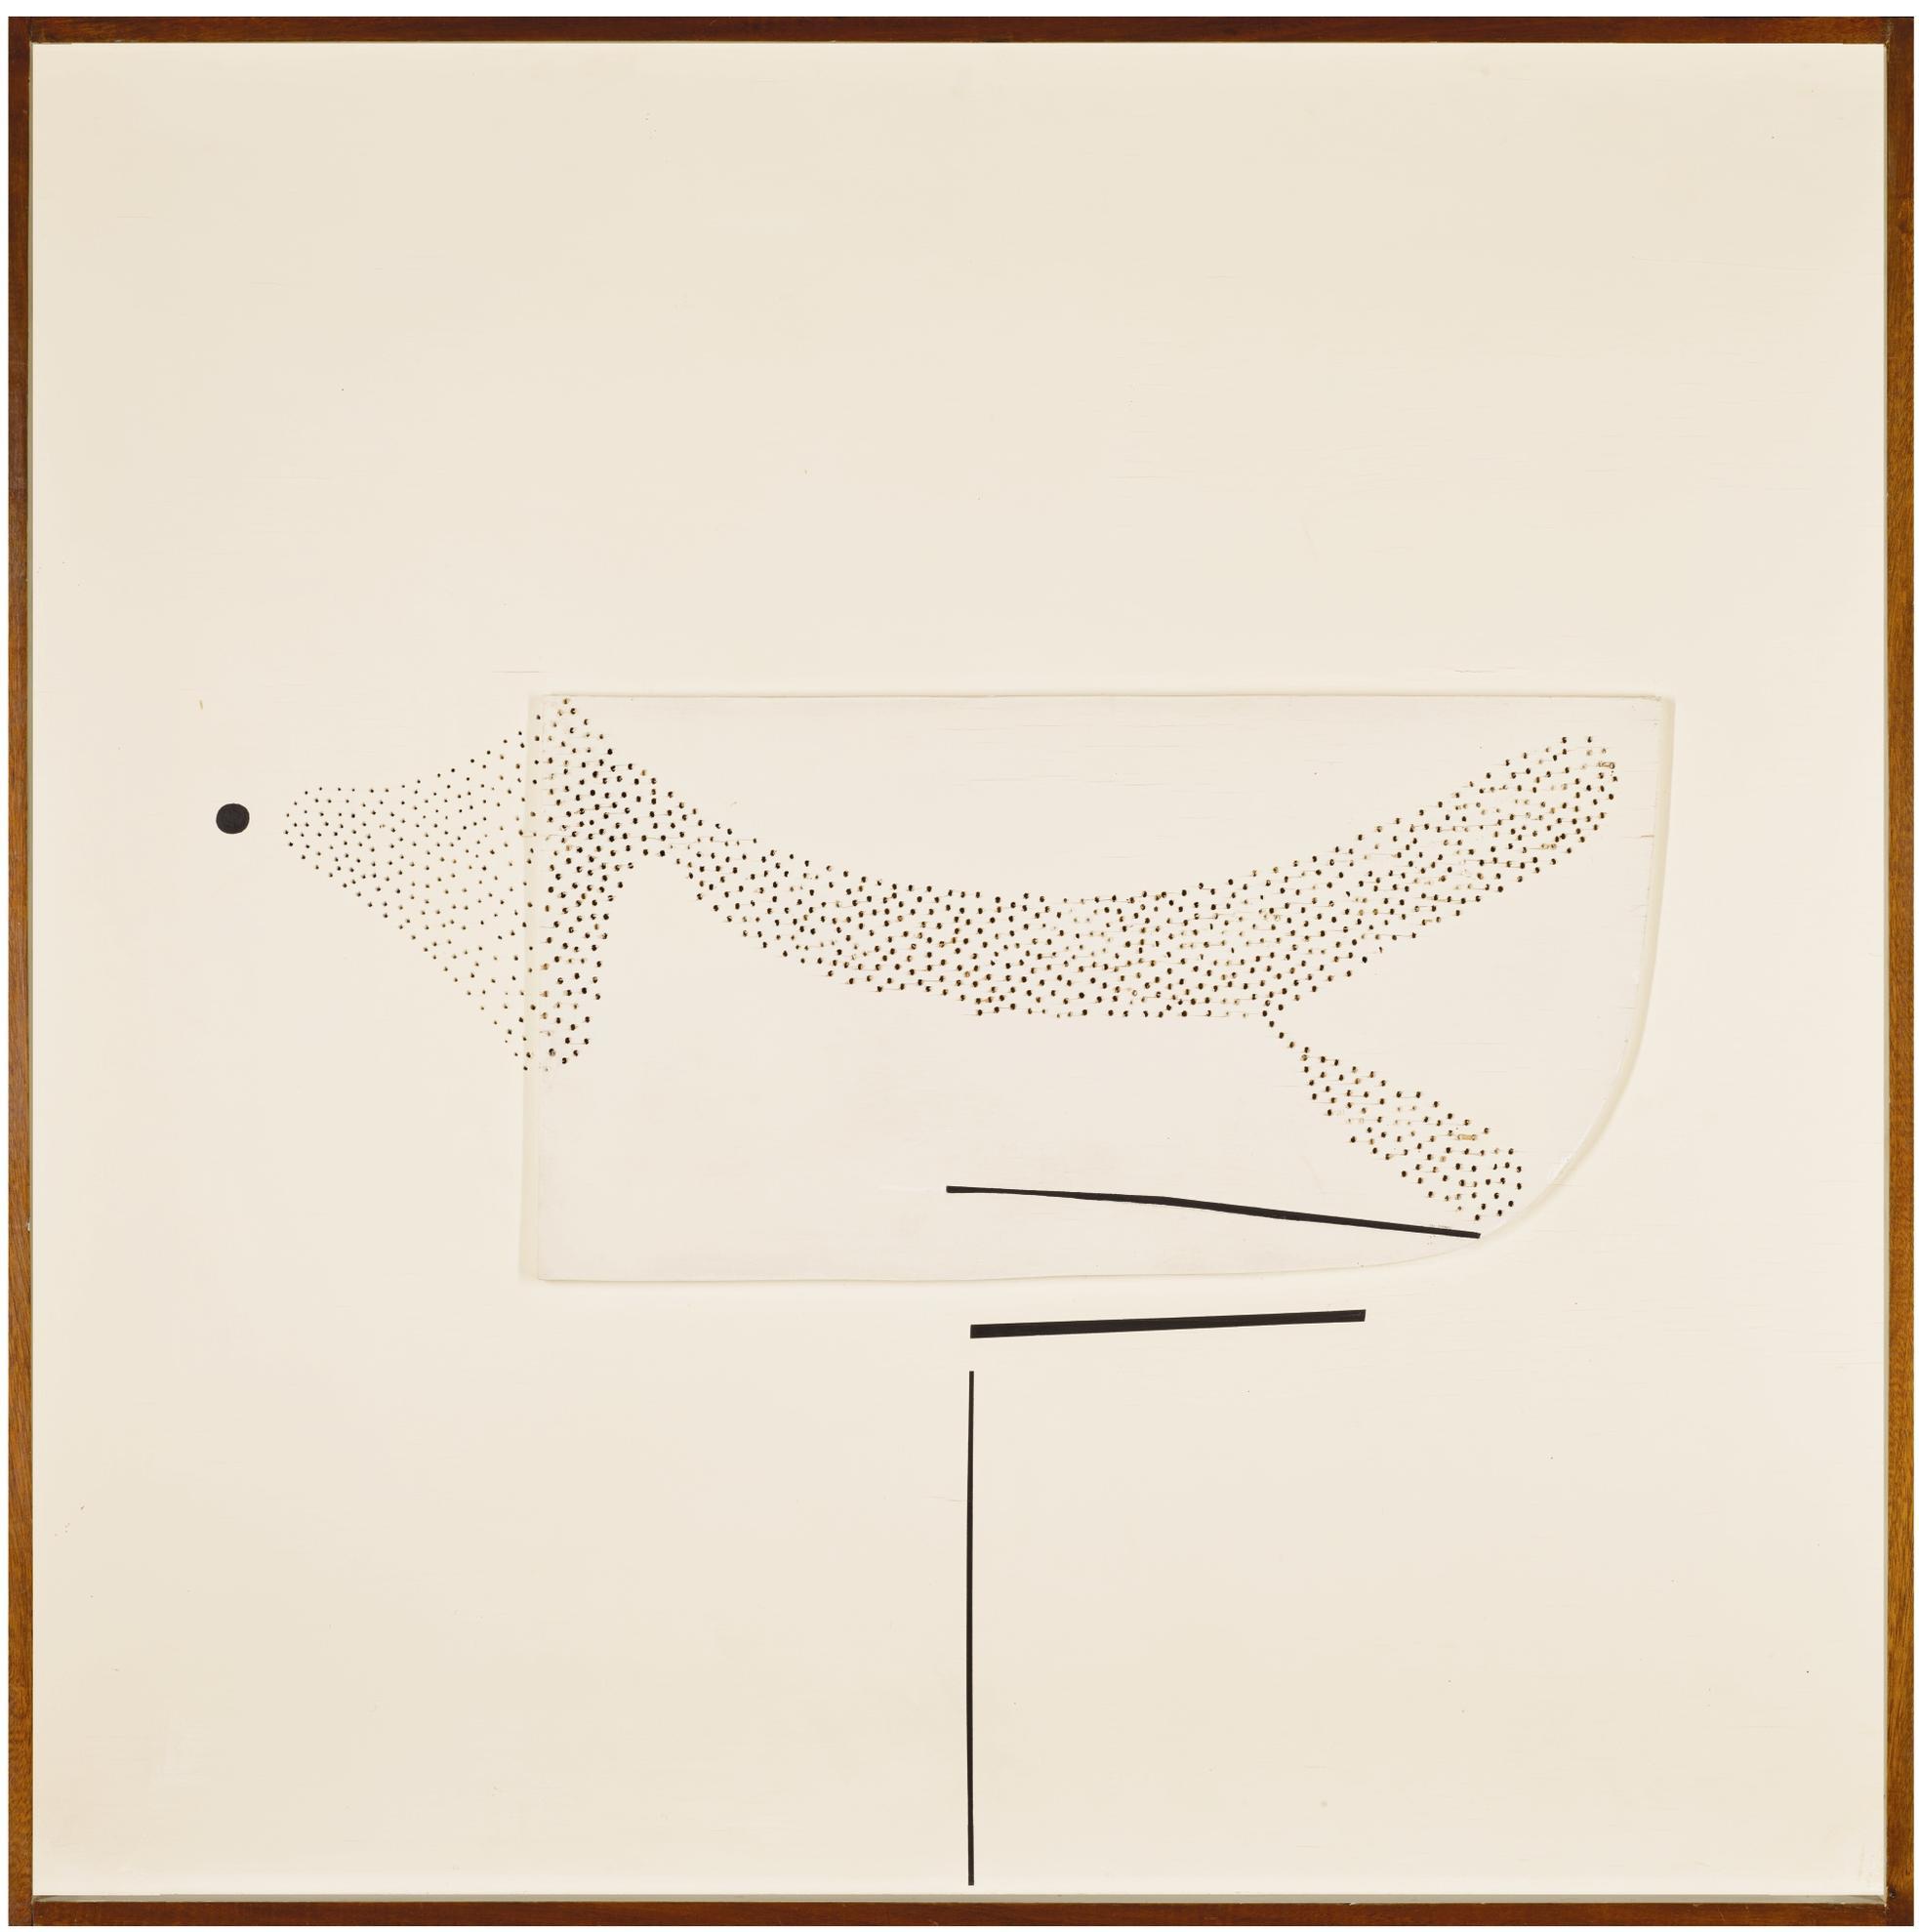 Victor Pasmore-Image-1969